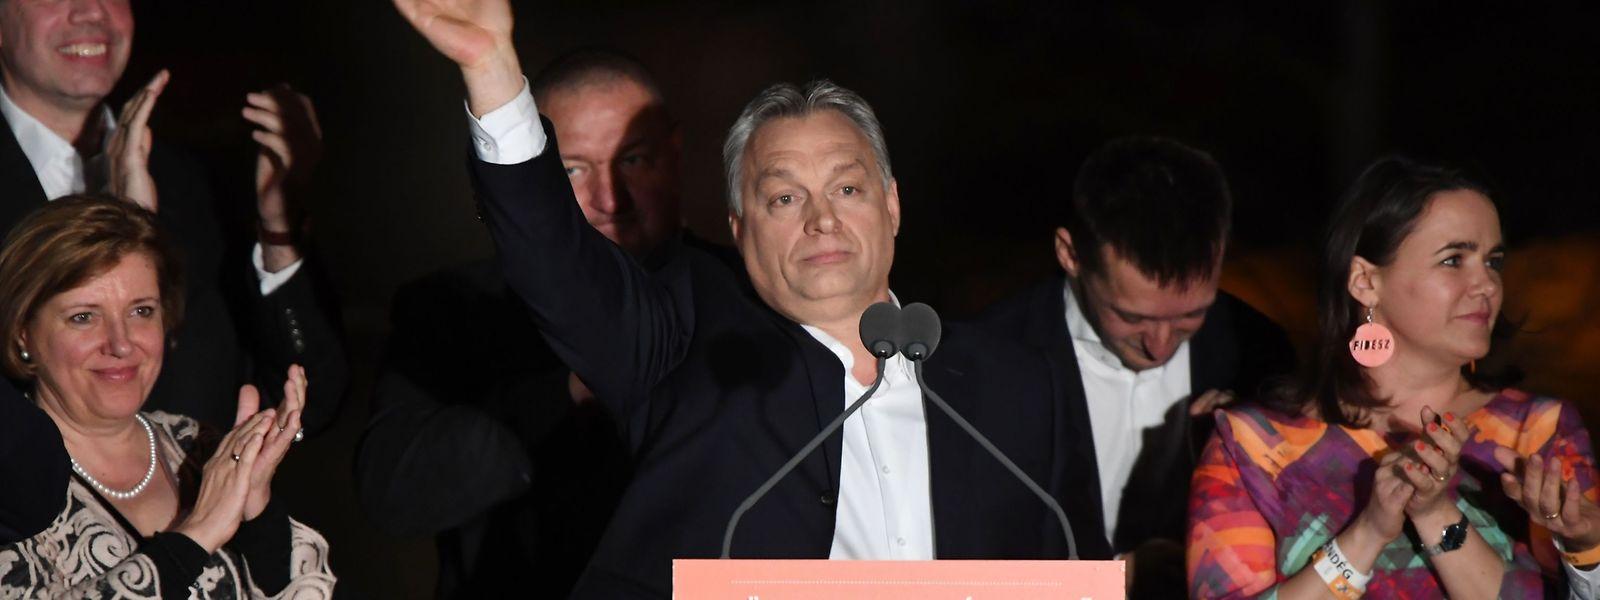 Nach Orbans erneuten Wahlsieg zeichnen sich schlechte Zeiten für unabhängige Organisationen ab, die Flüchtlingen helfen. Ein Gesetzespaket, das sie in die Illegalität drängt, könnte bereits im Mai vom neuen Parlament beschlossen werden.